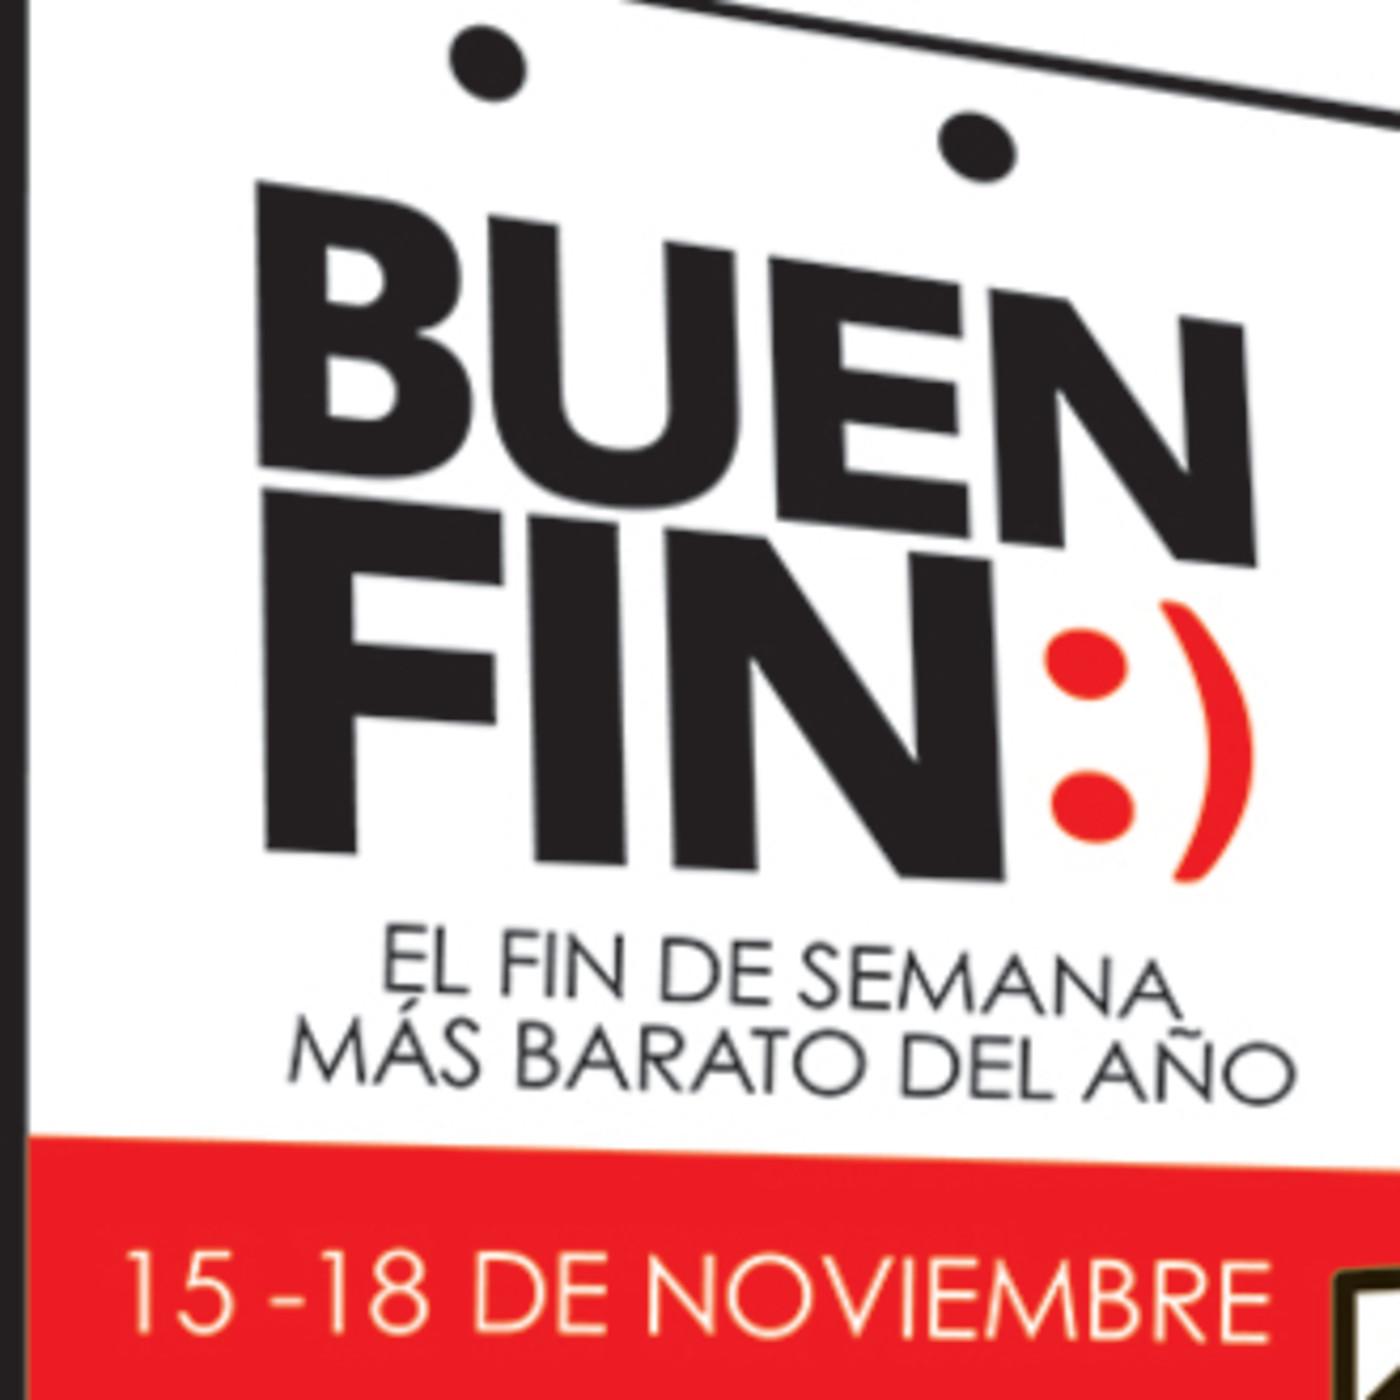 Noviembre 10, 2014 – MVS Noticias – El Buen Fin